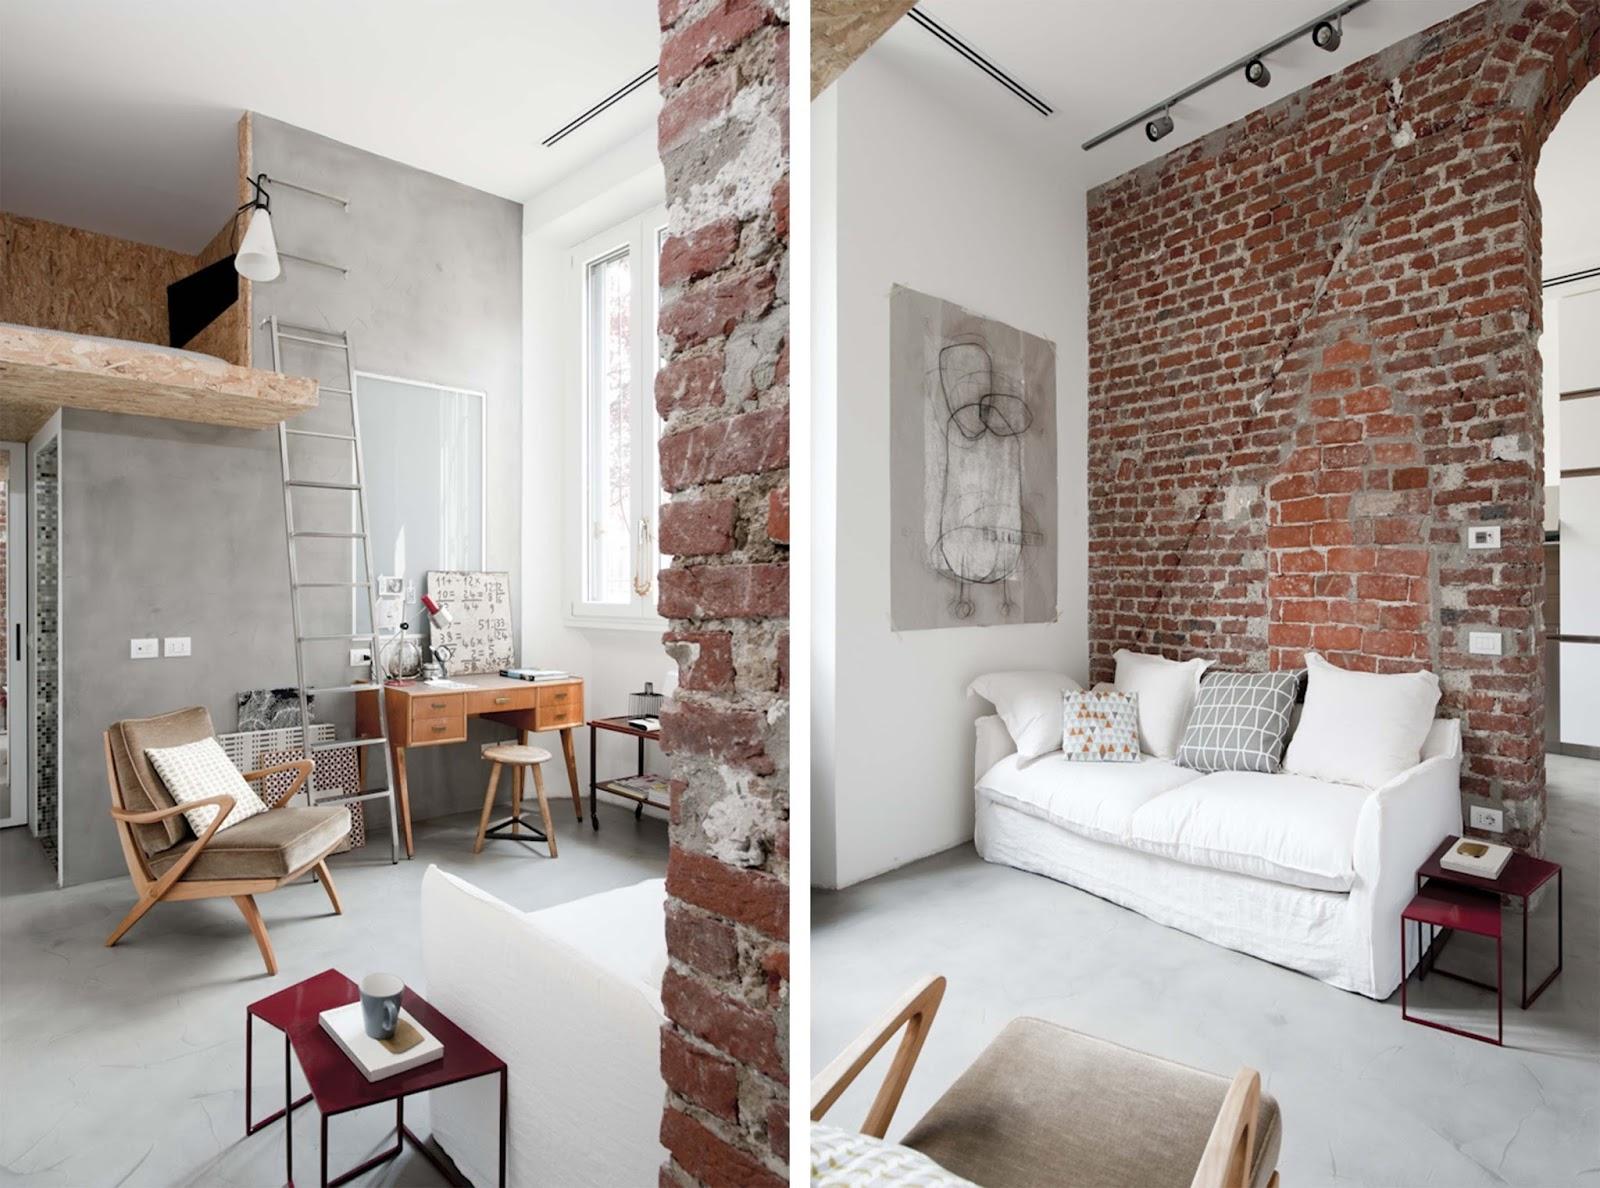 96 soppalco ikea legno letti matrimoniali a soppalco for Arredare mini appartamento ikea